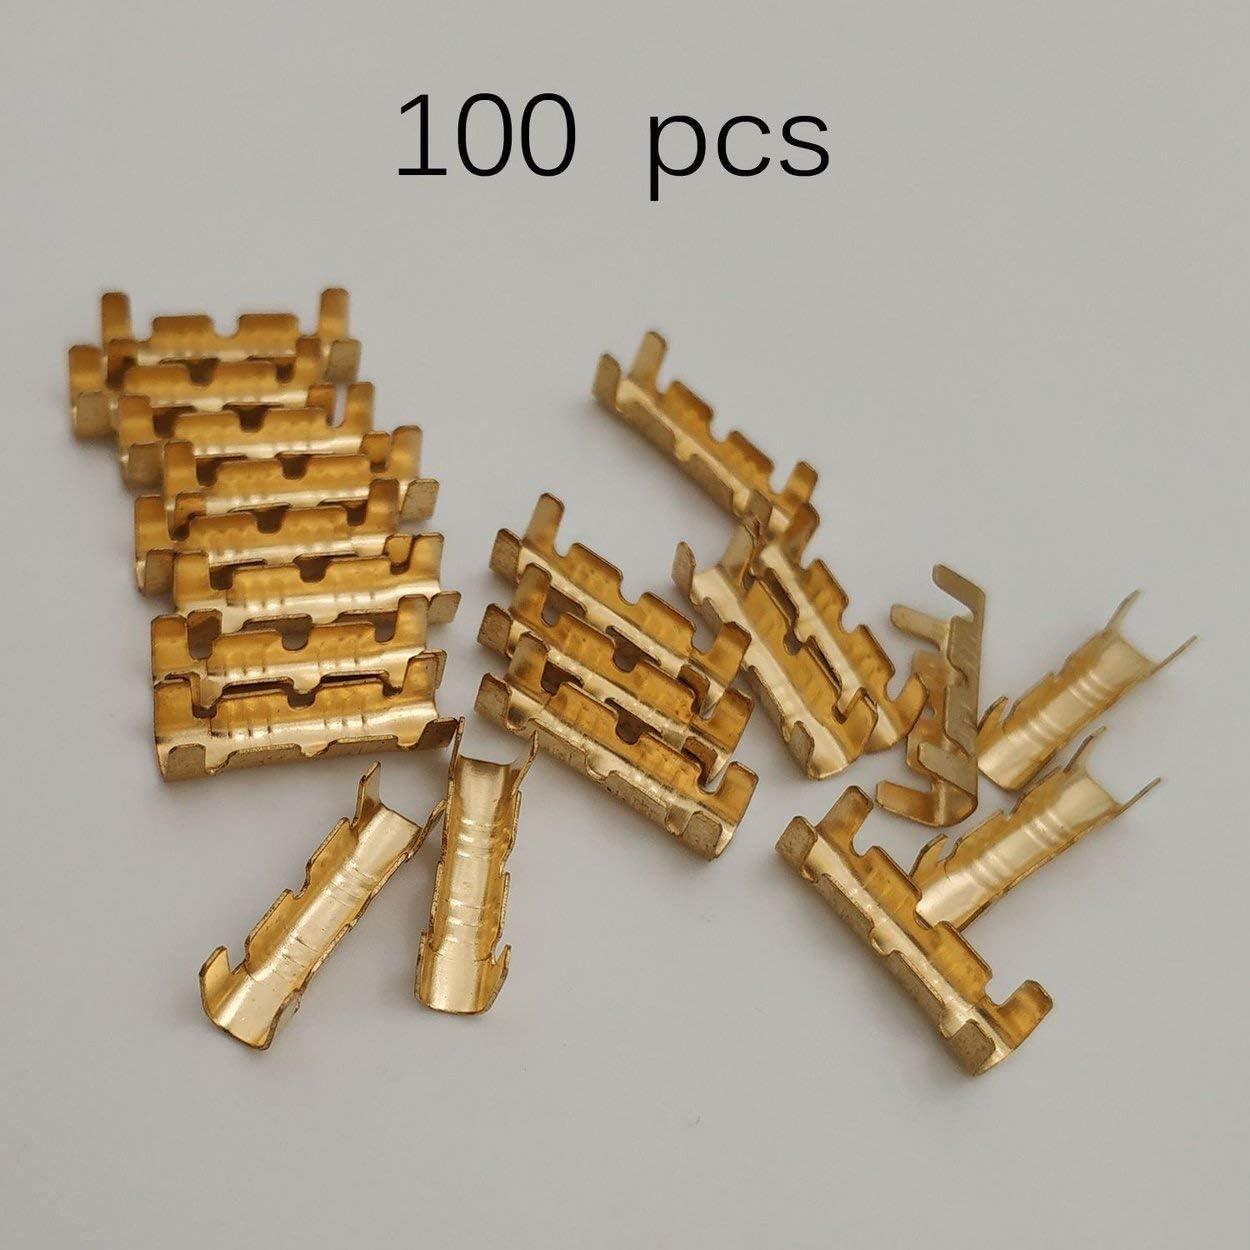 Lorenlli Bot/ón de conexi/ón r/ápida de los conectores de la base de 100 piezas Bot/ón de conexi/ón r/ápida para terminales de cableado Kit de conector el/éctrico